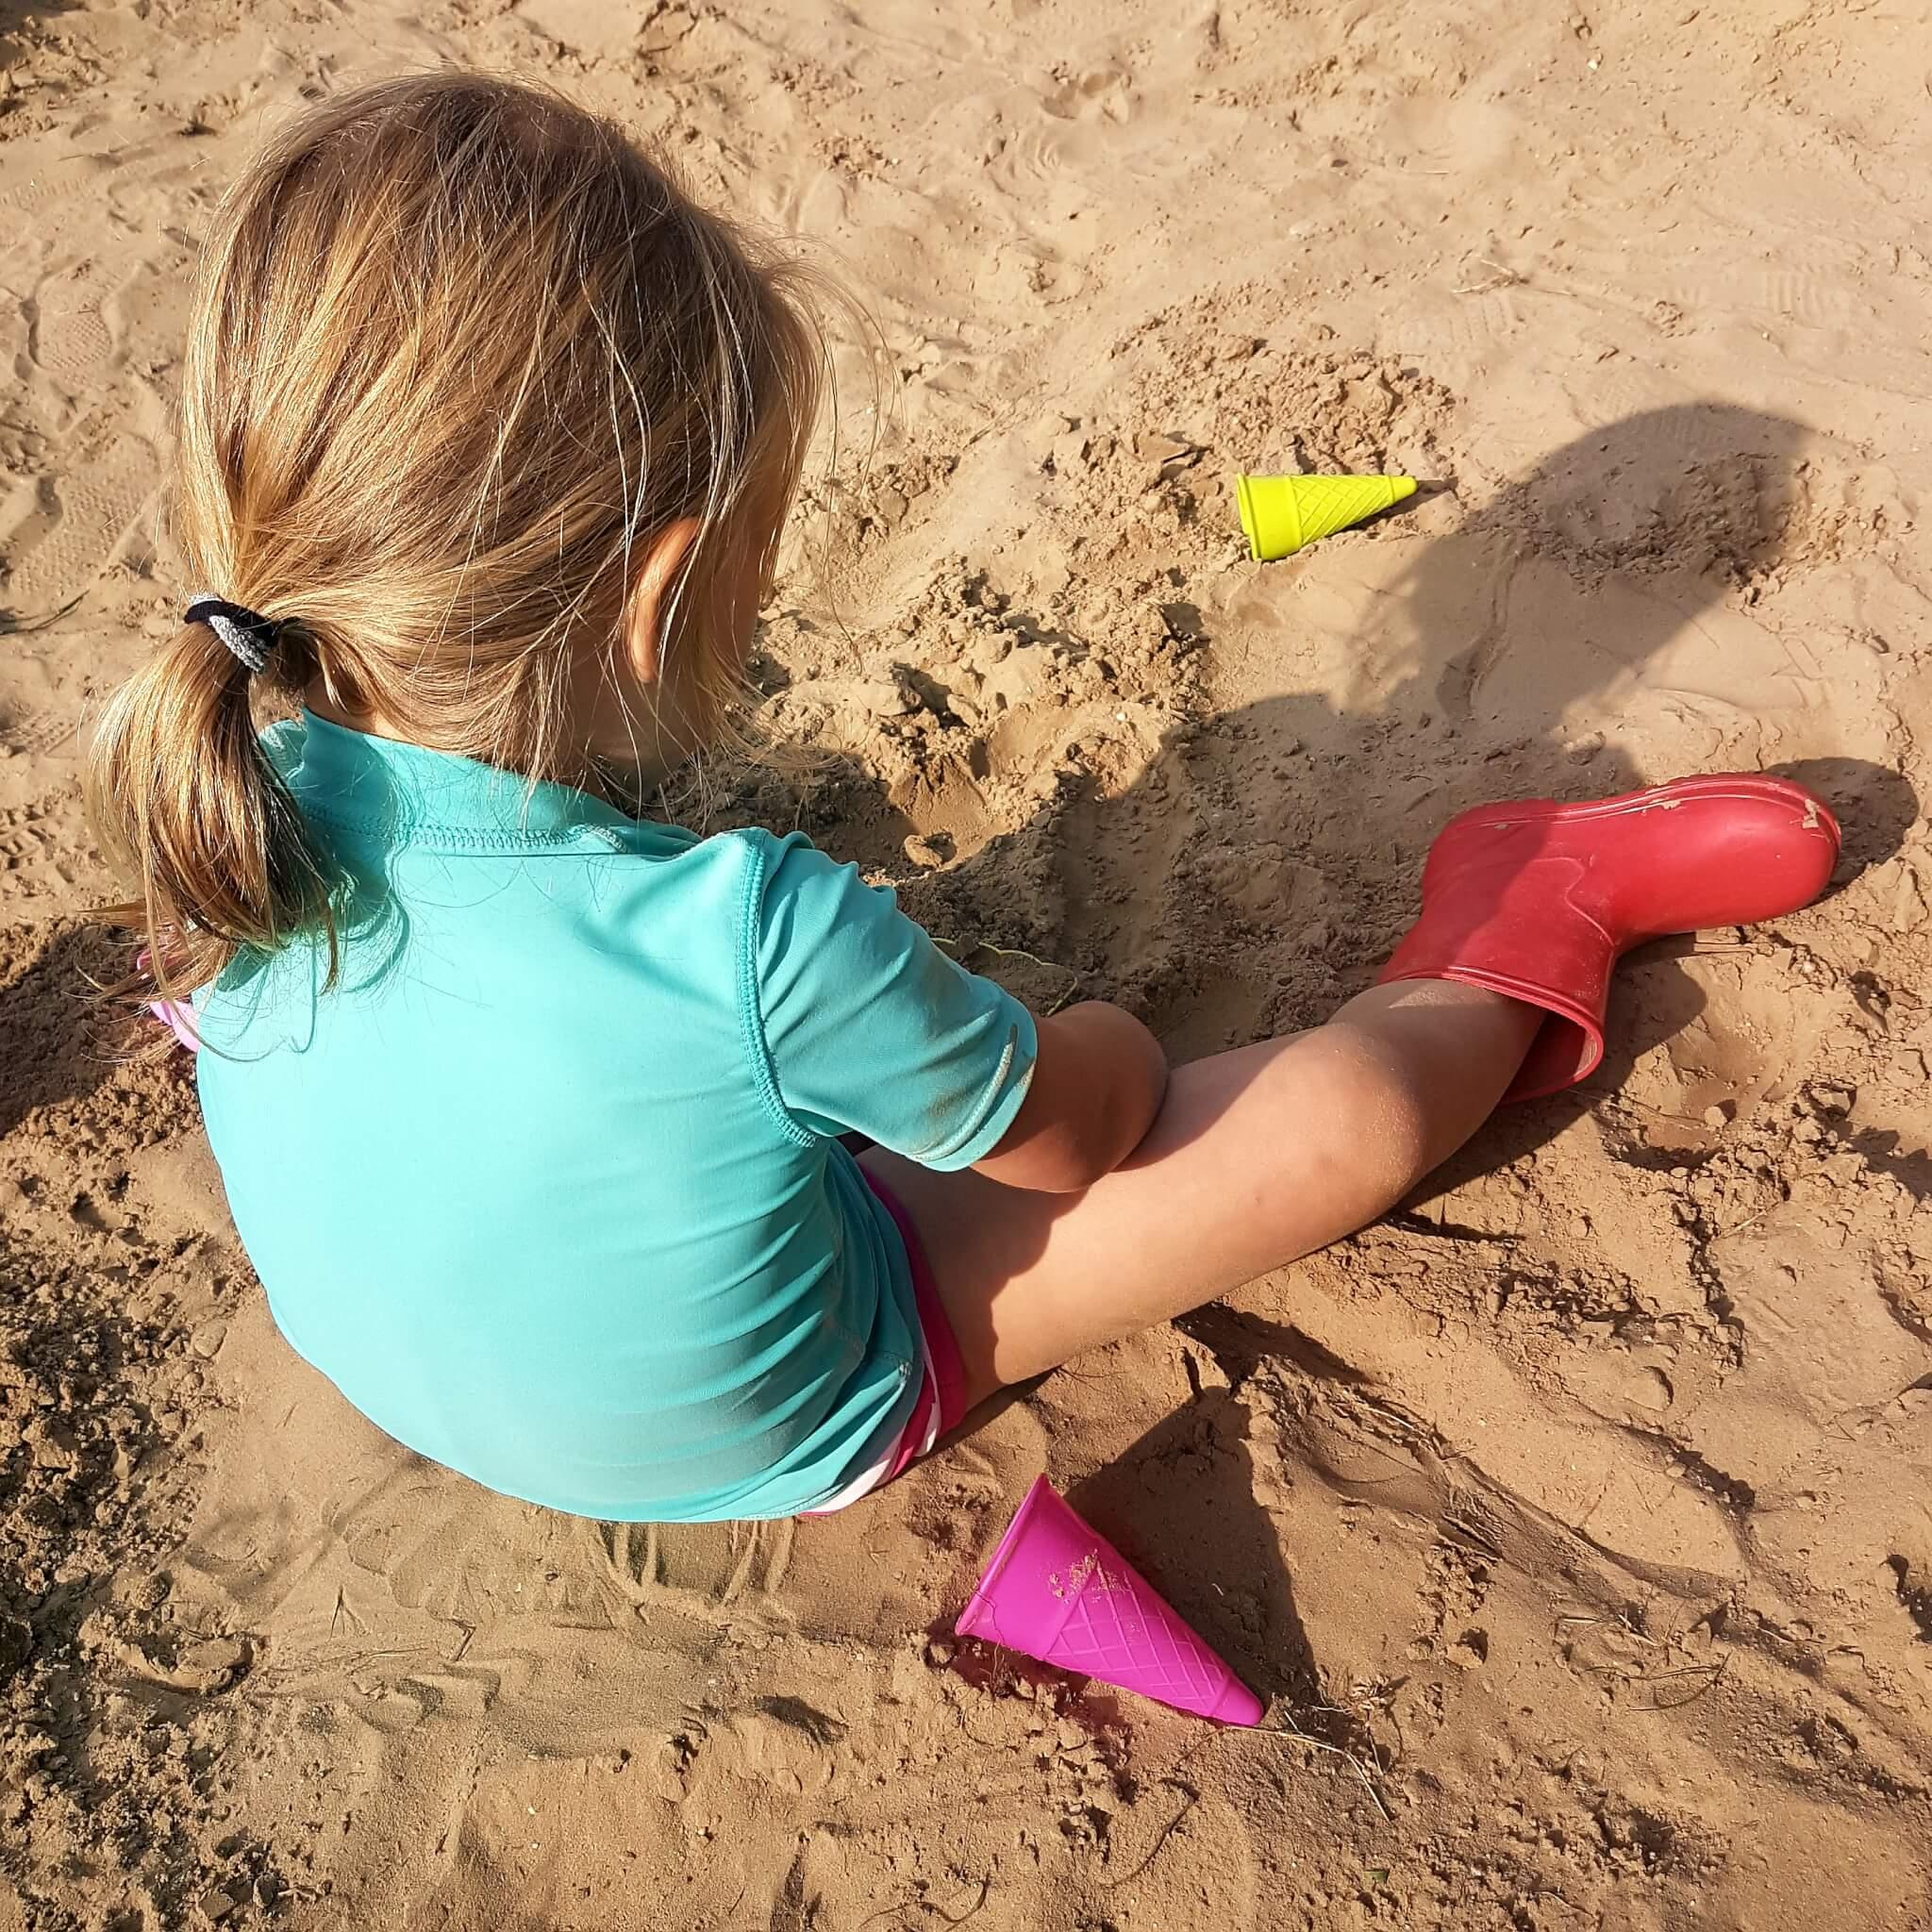 Zondag Bosdag: blog met inspiratie en speurtochten om de natuur te ontdekken met kids